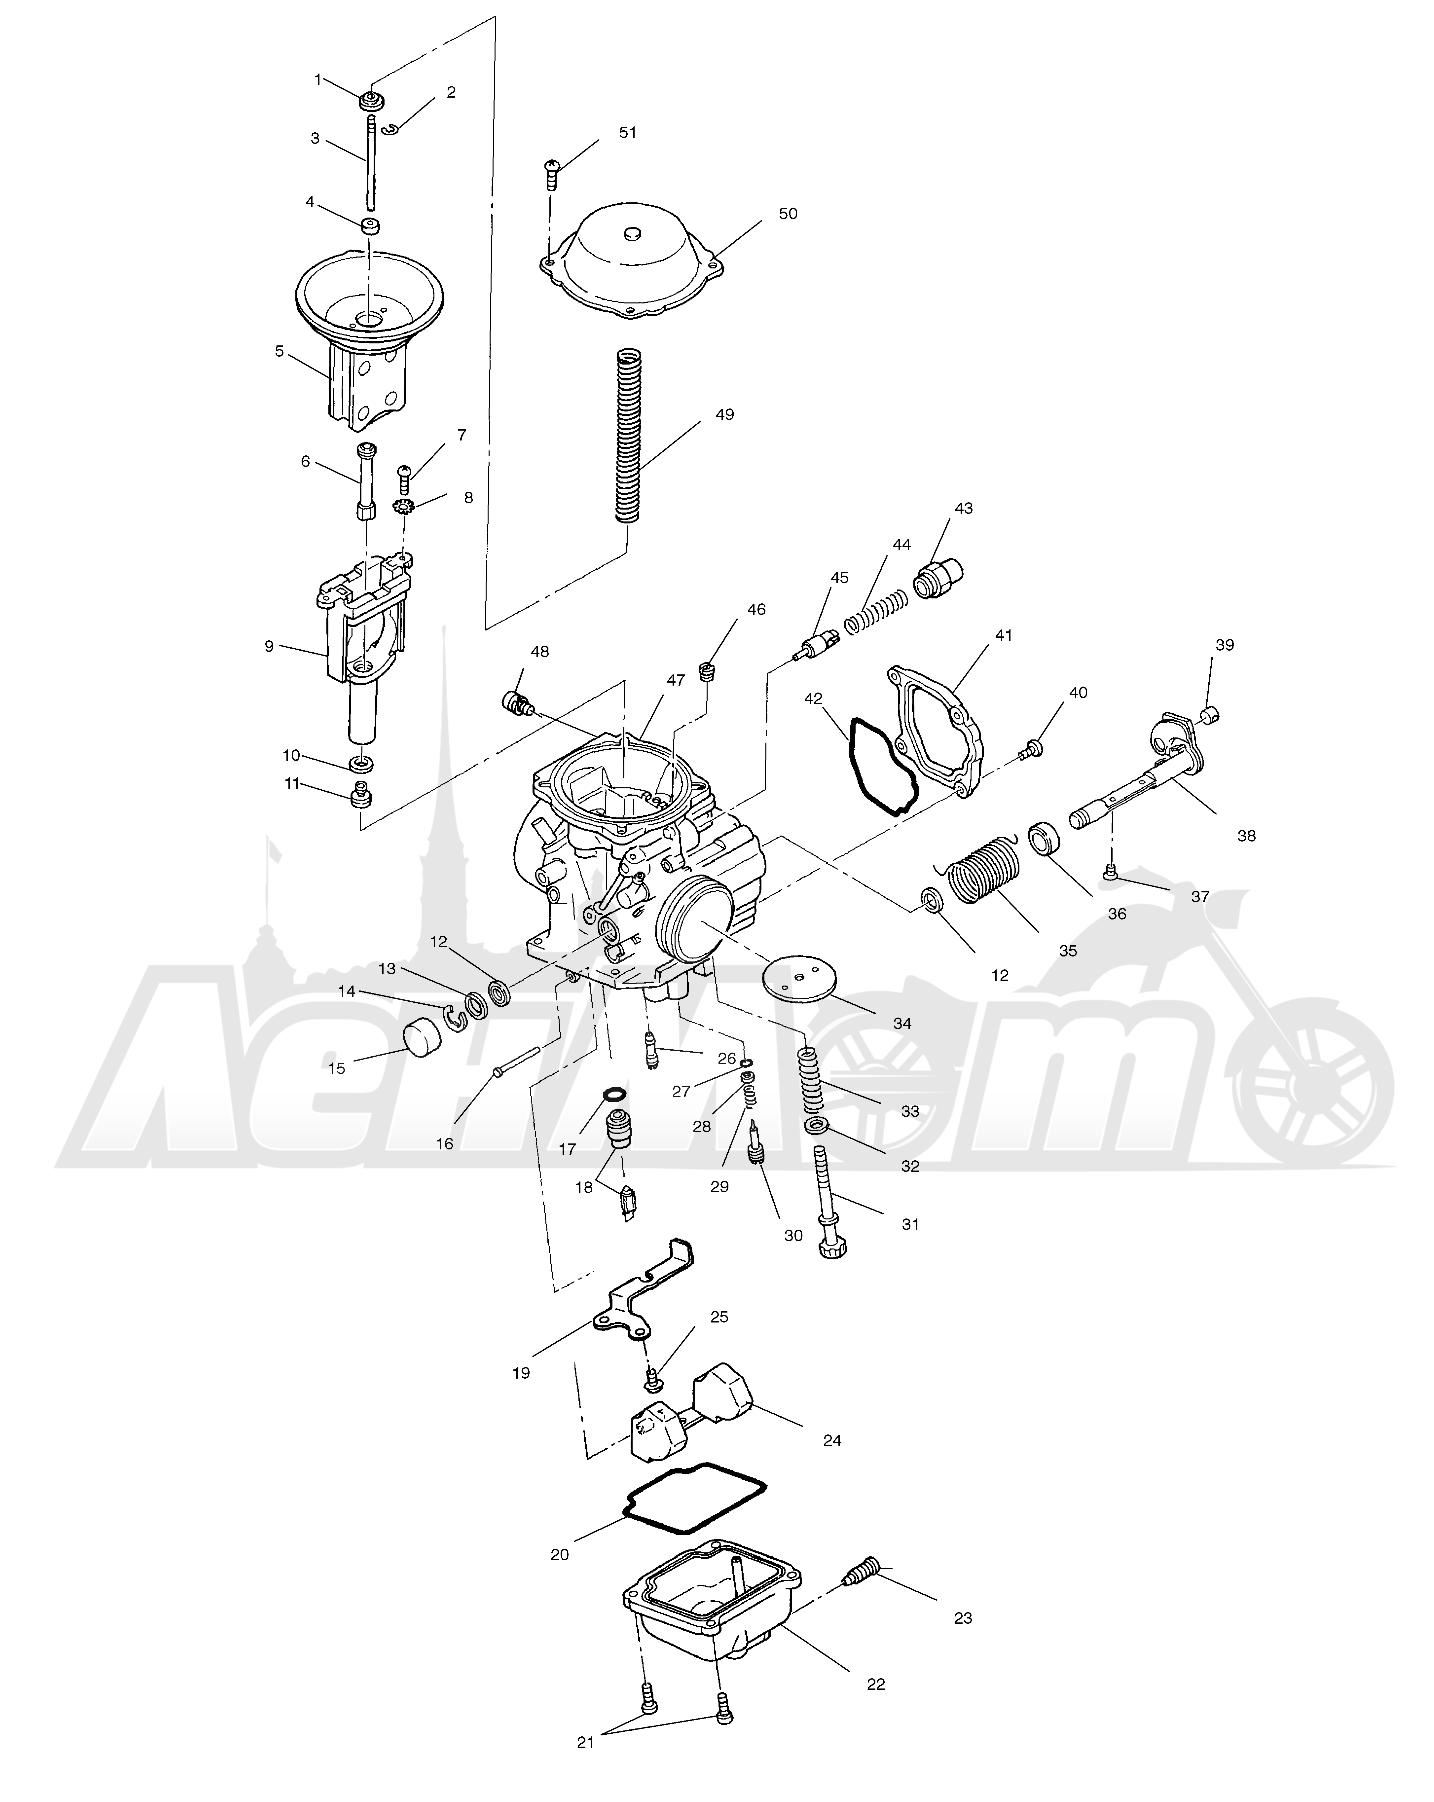 Запчасти для Квадроцикла Polaris 1997 SPORTSMAN 500 - W97CH50A Раздел: CARBURETOR - W97CH50A | карбюратор W97CH50A